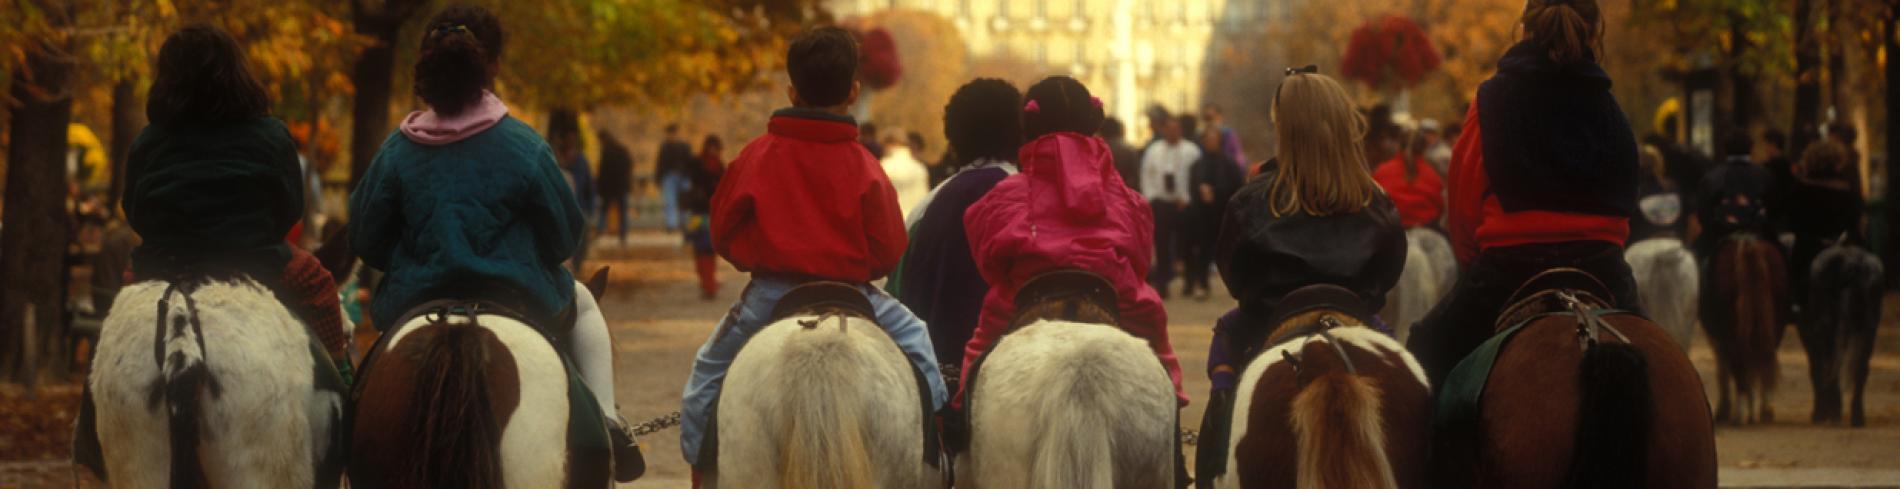 Horseback riding in Paris